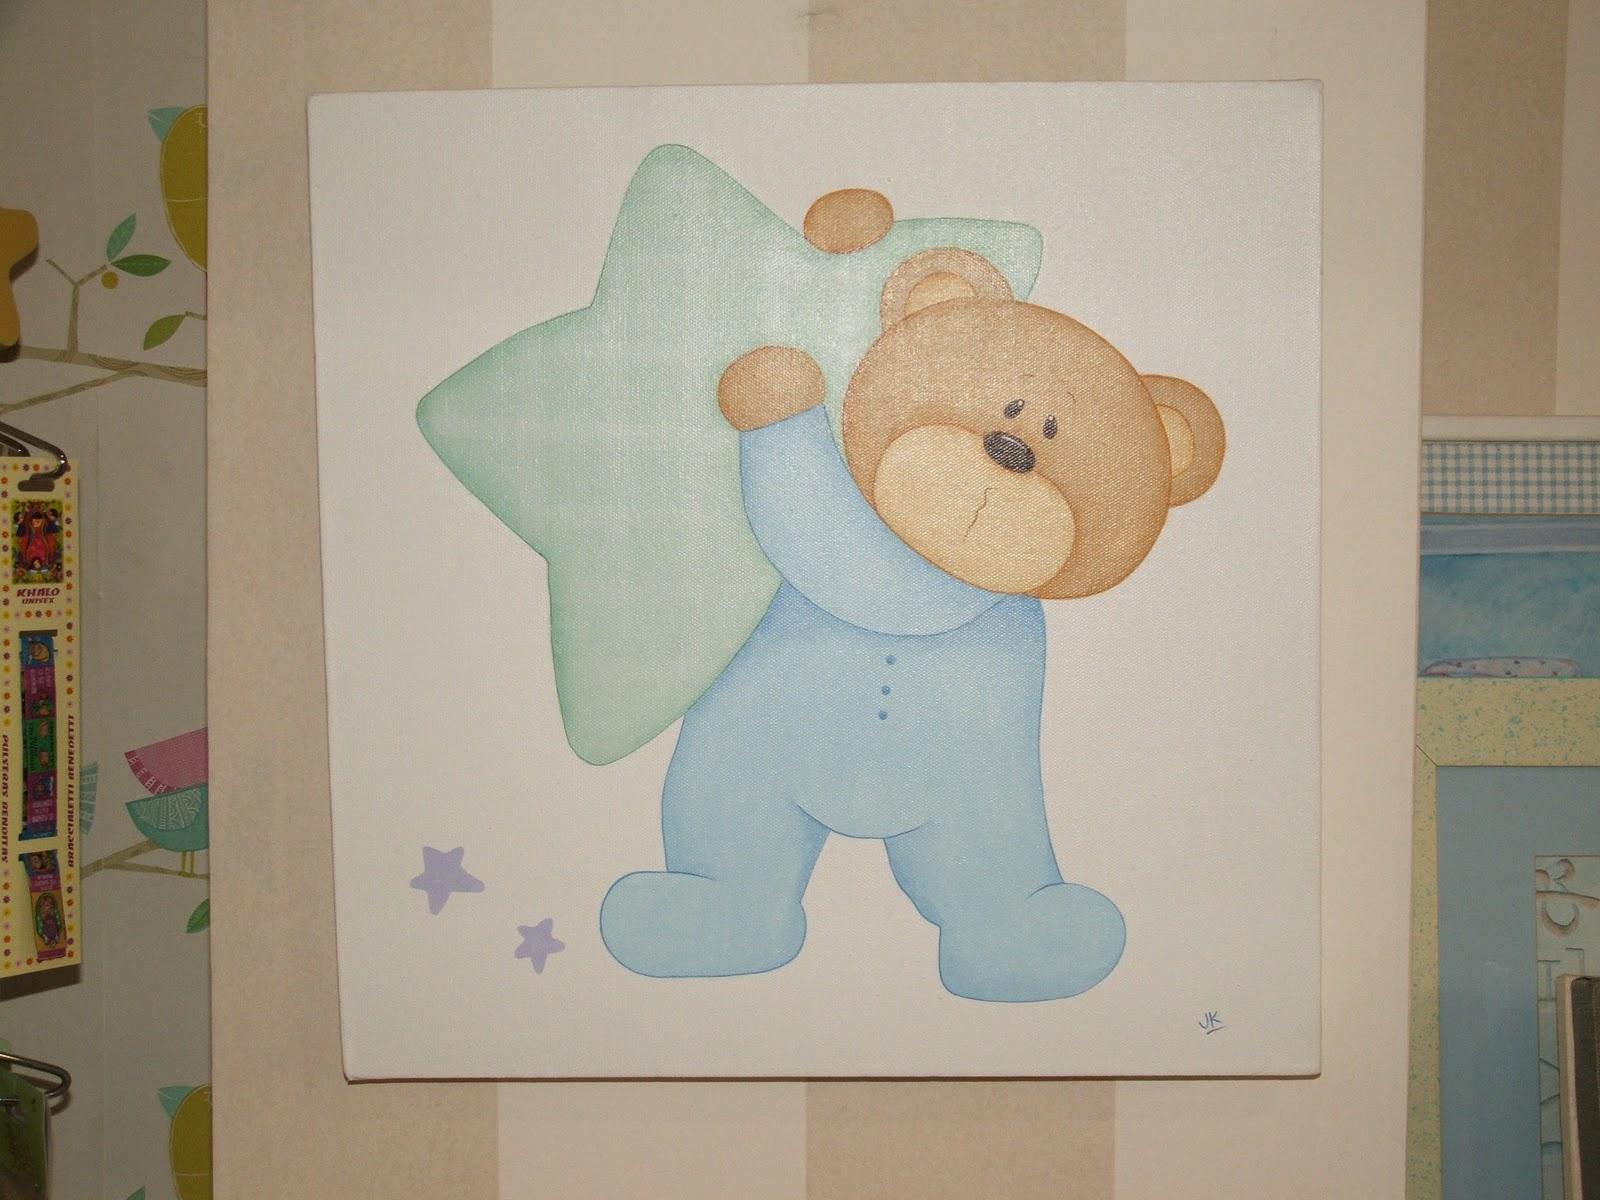 Luna lunera cuadros de osos muy tiernos - Decorar dibujos infantiles ...